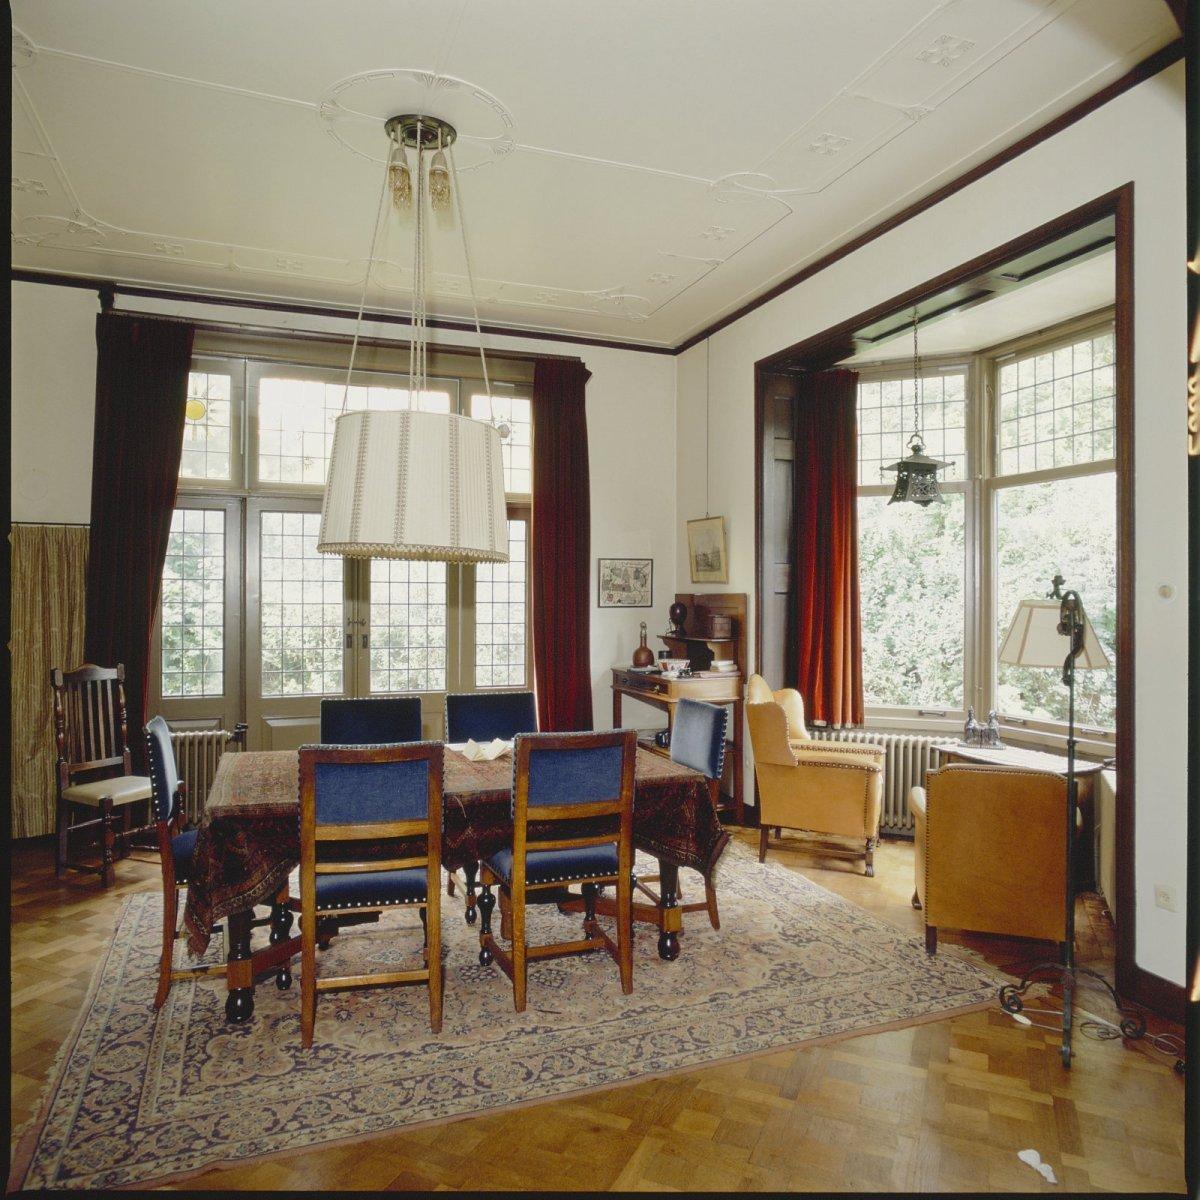 24 Design Stoelen.File Interieur Eetkamer Eettafel Met Stoelen En Laaghangende Lamp